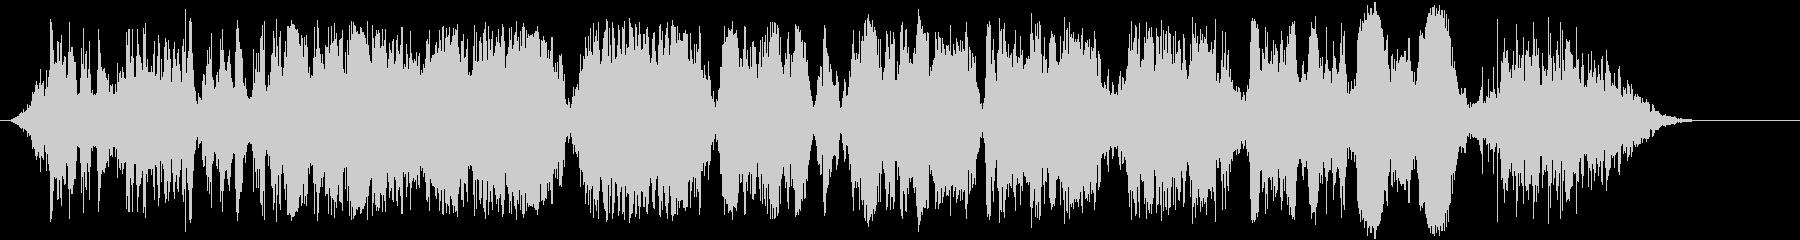 サンフェルミンバッスルとチュピナゾスの未再生の波形